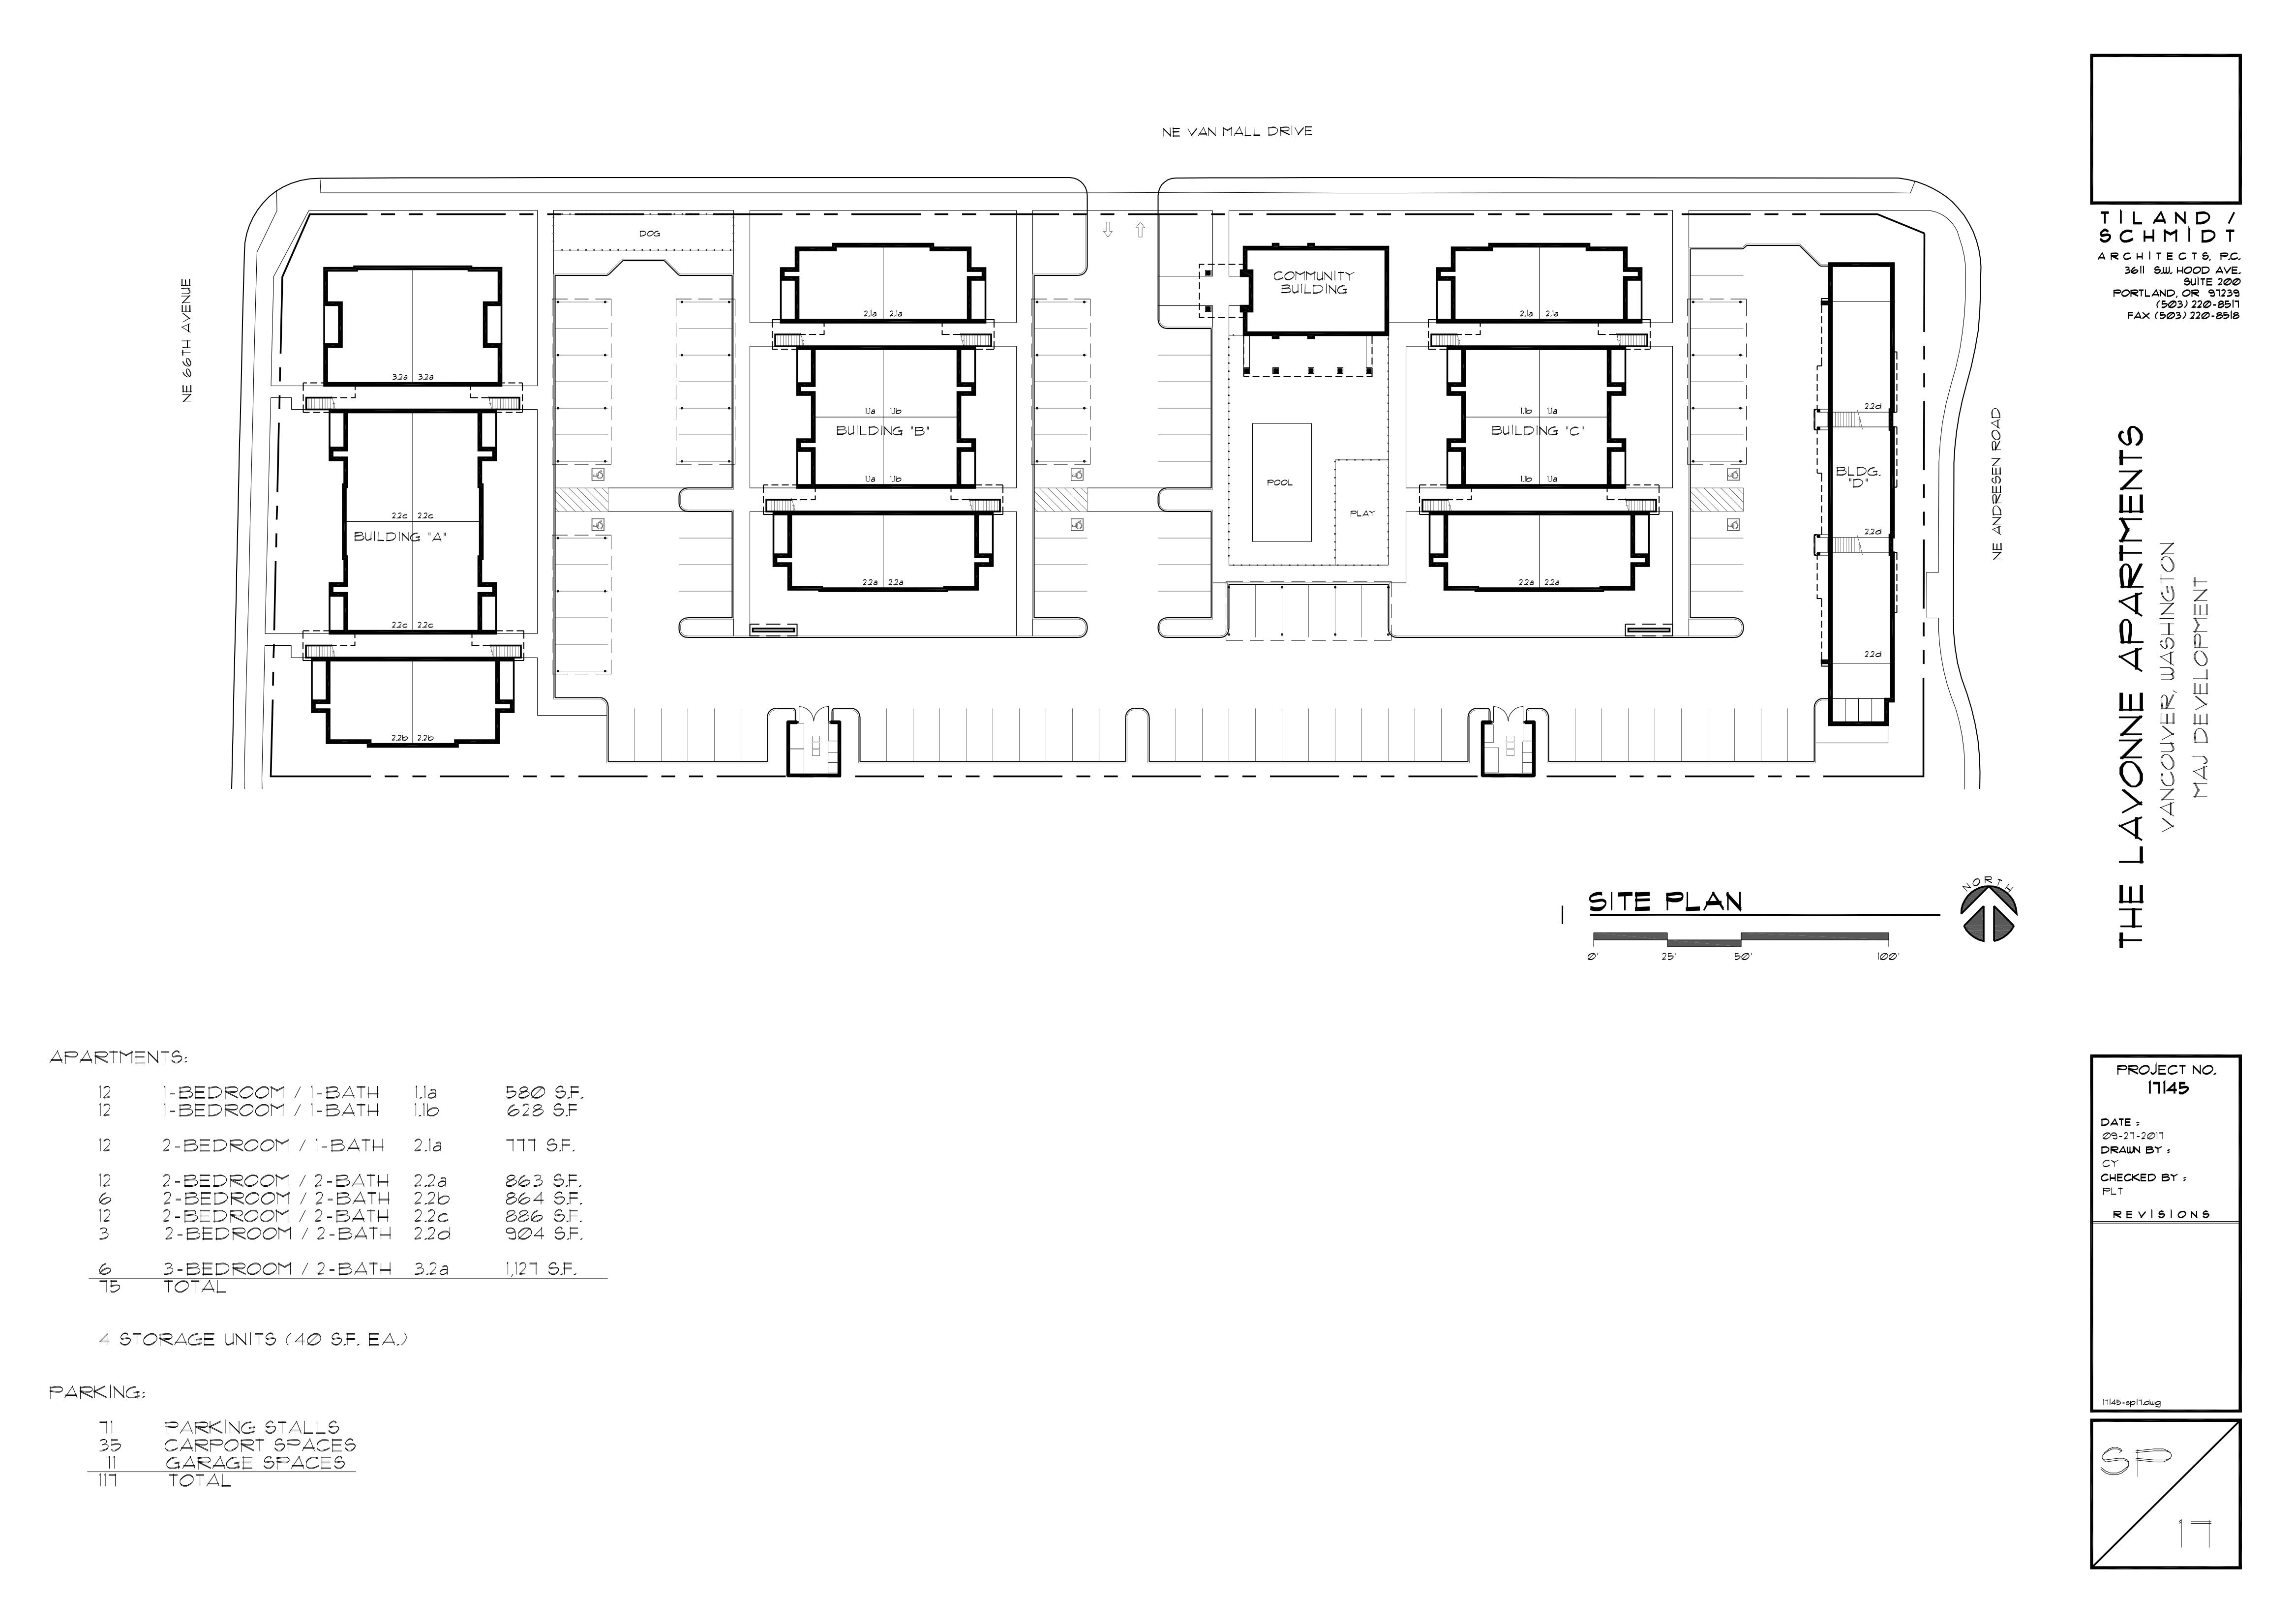 The Lavonne Site Plan